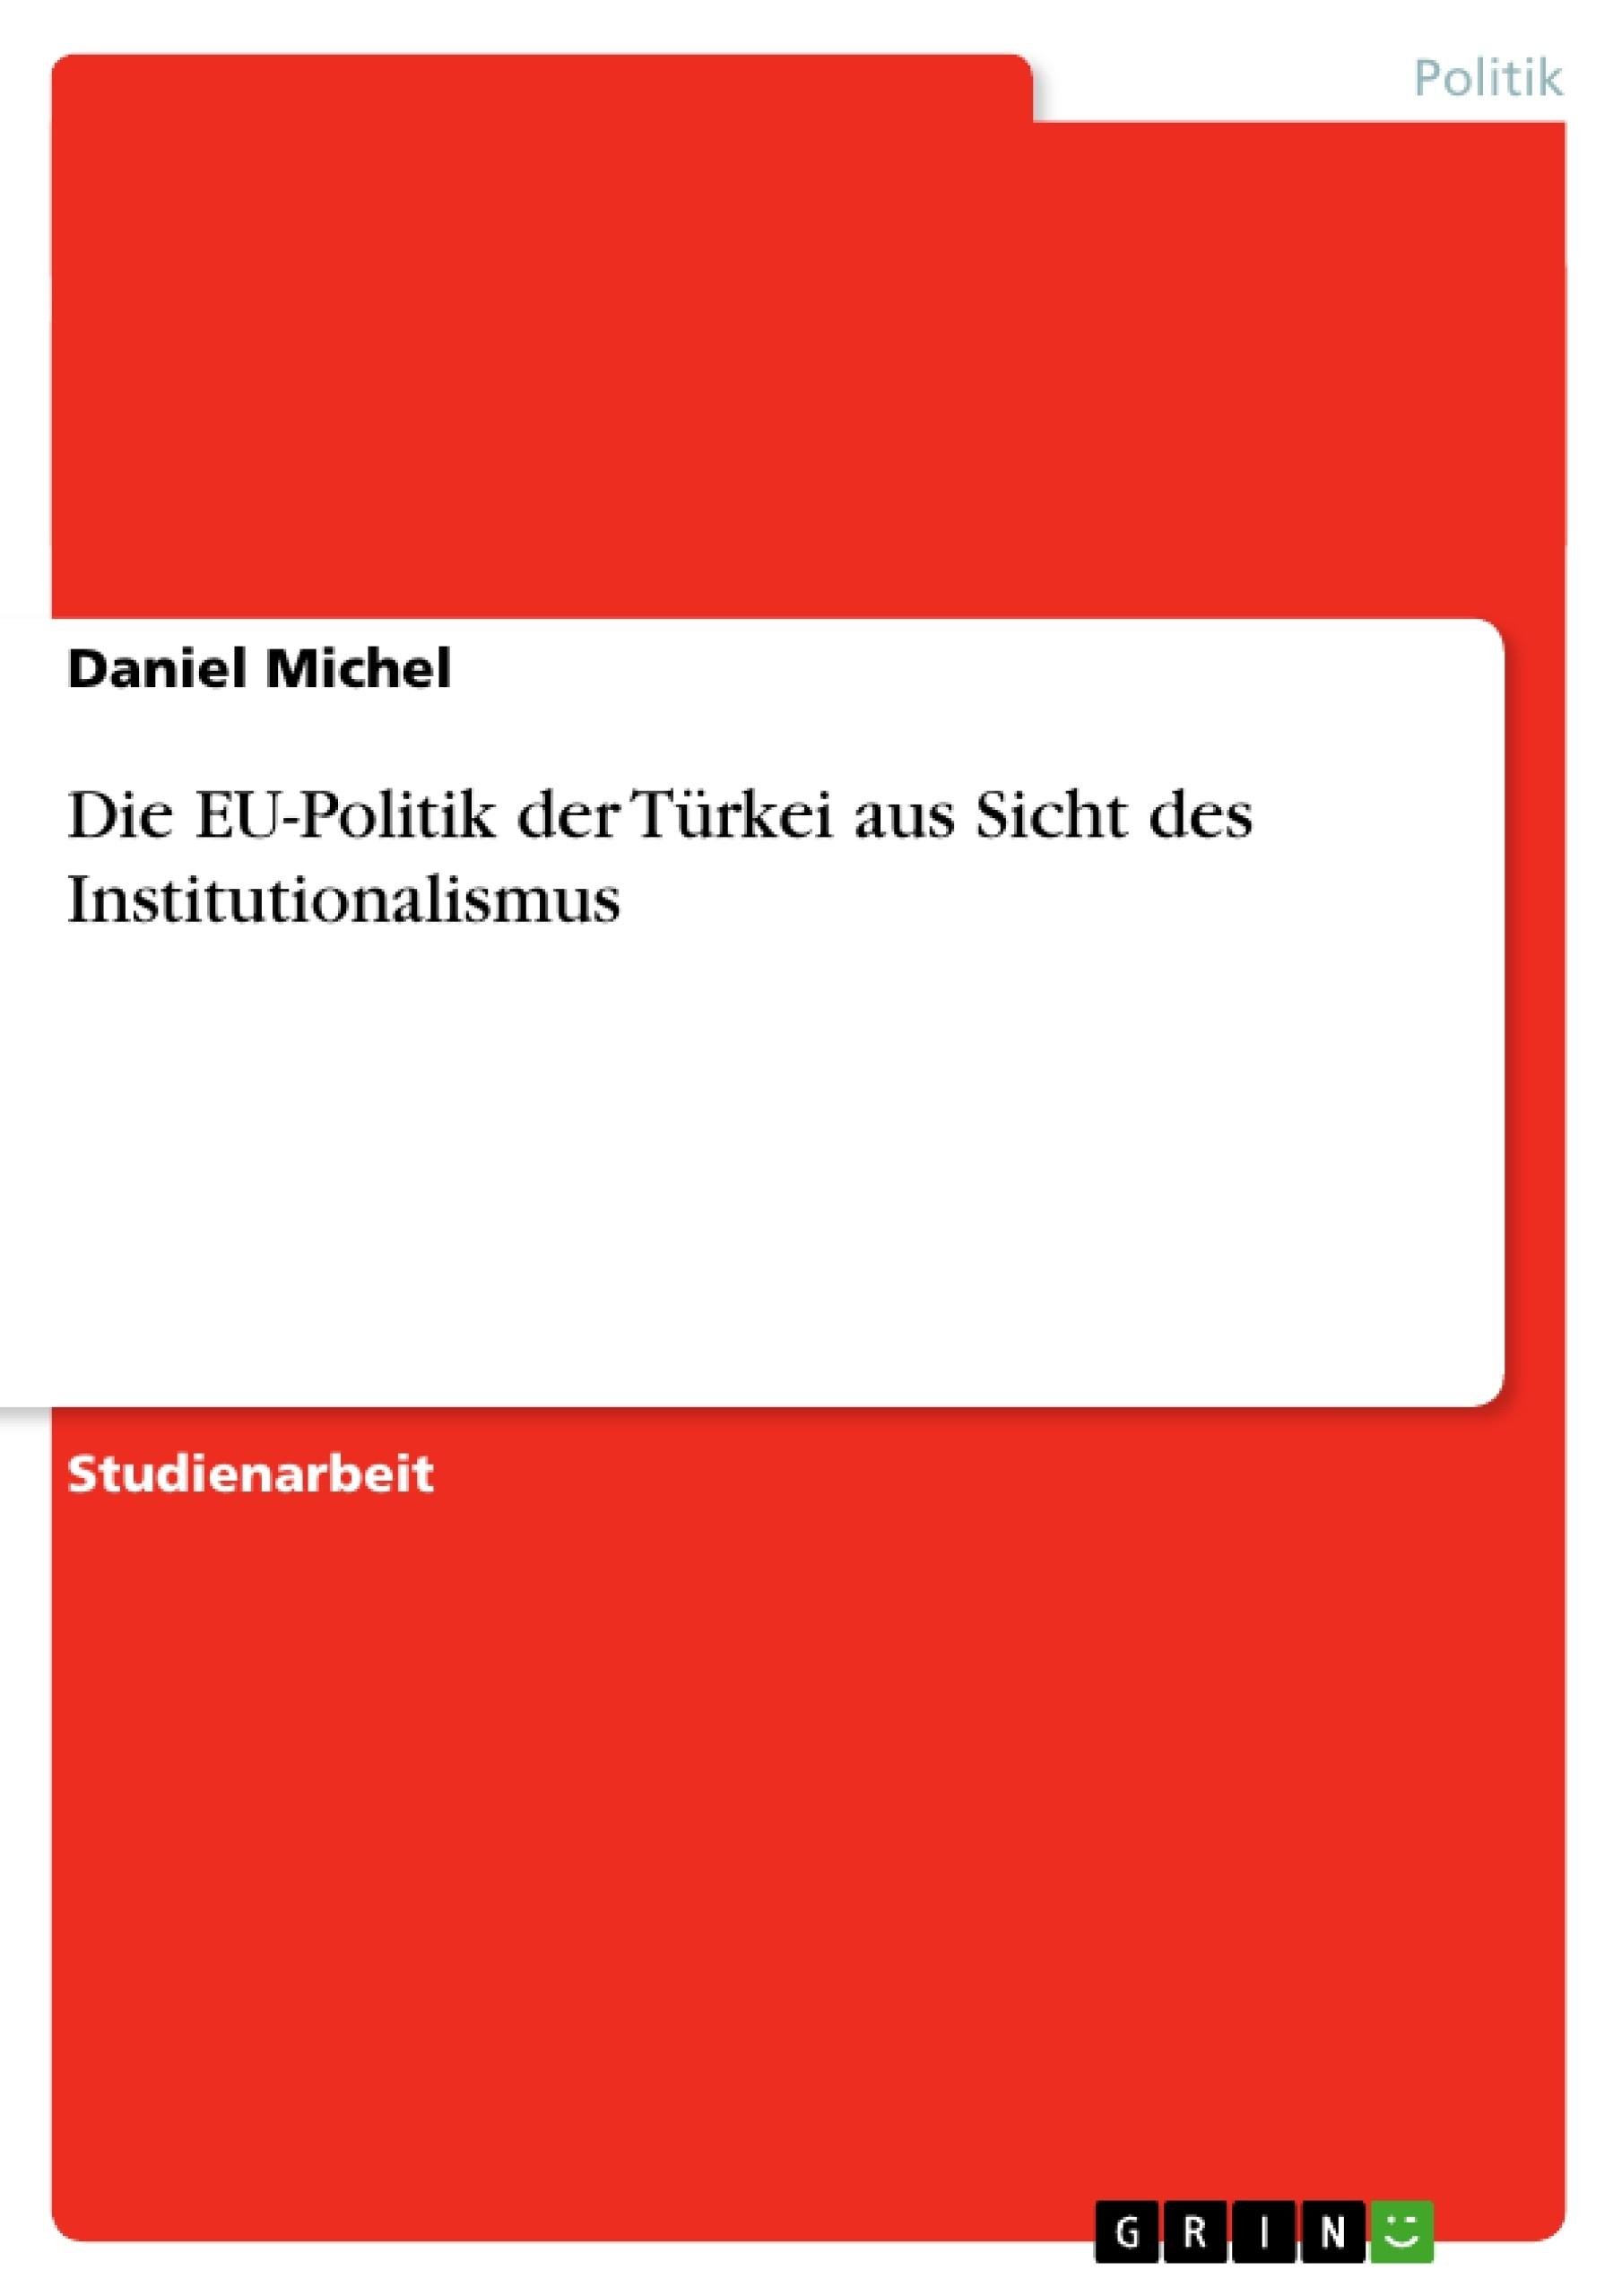 Titel: Die EU-Politik der Türkei aus Sicht des Institutionalismus